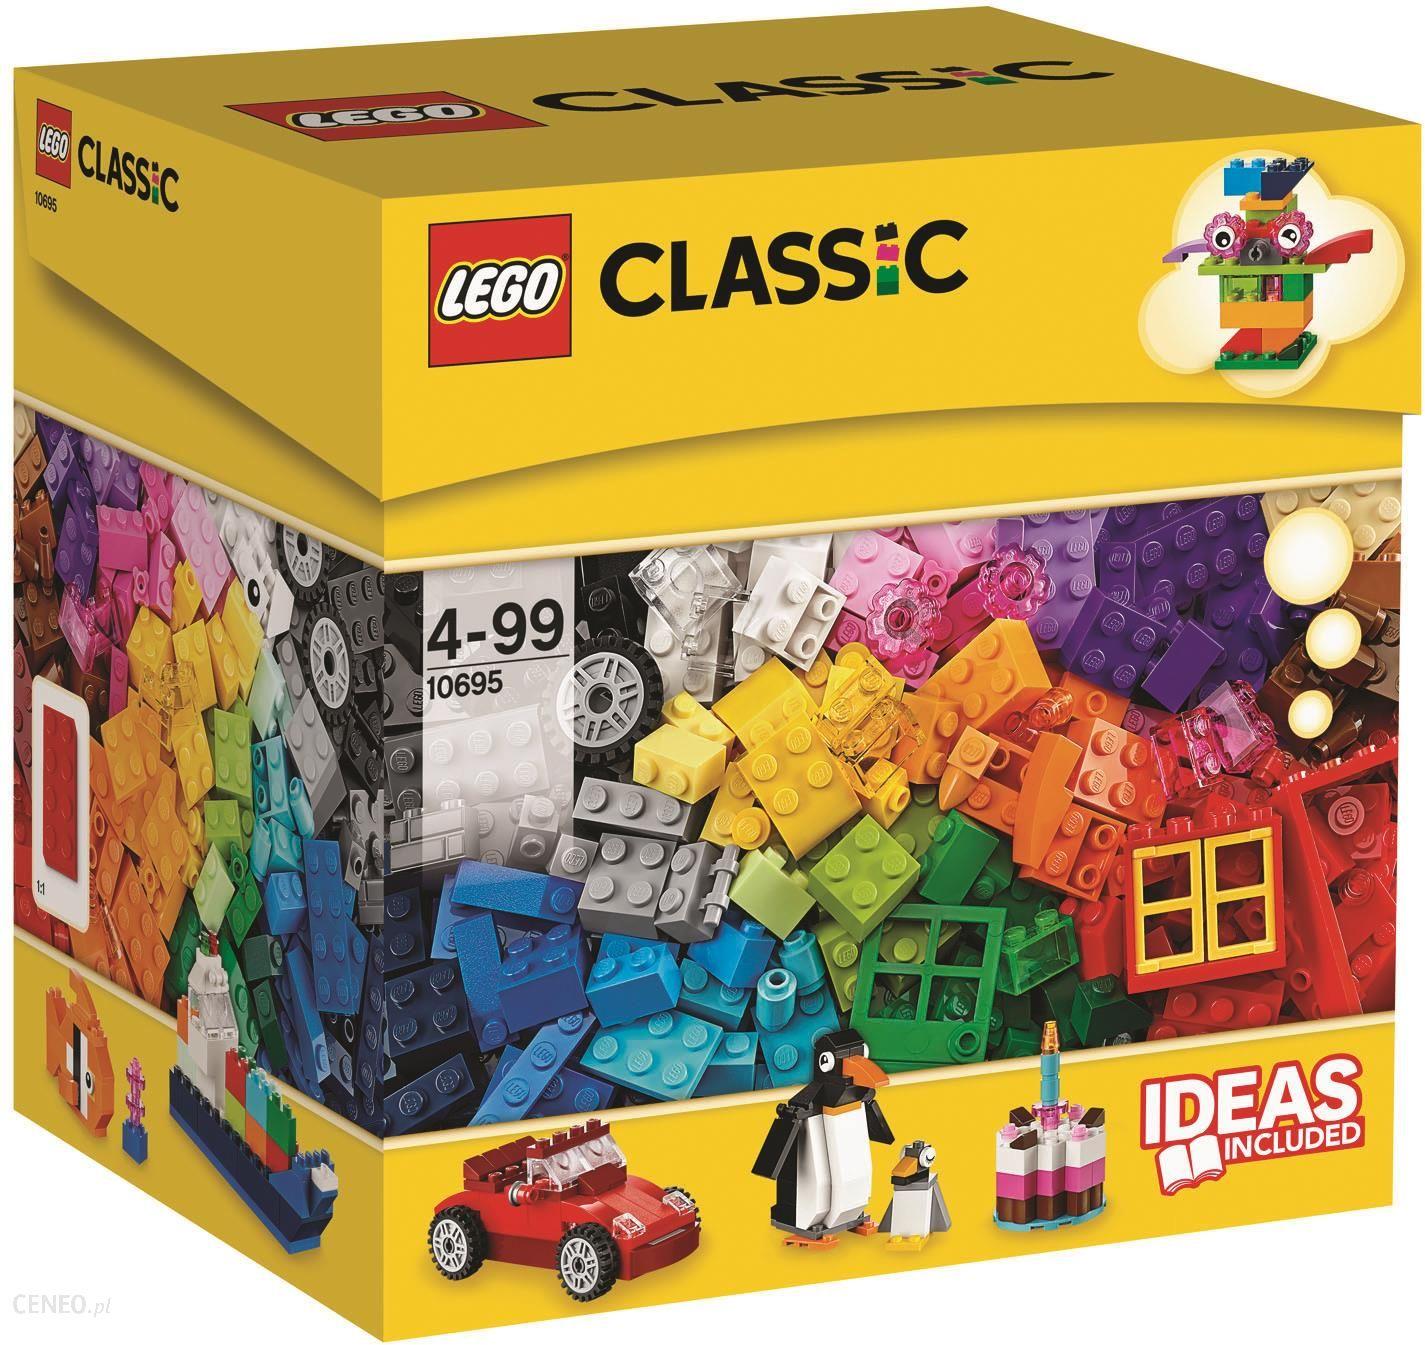 Klocki Lego Classic Kreatywny Budowniczy 10695 Ceny I Opinie